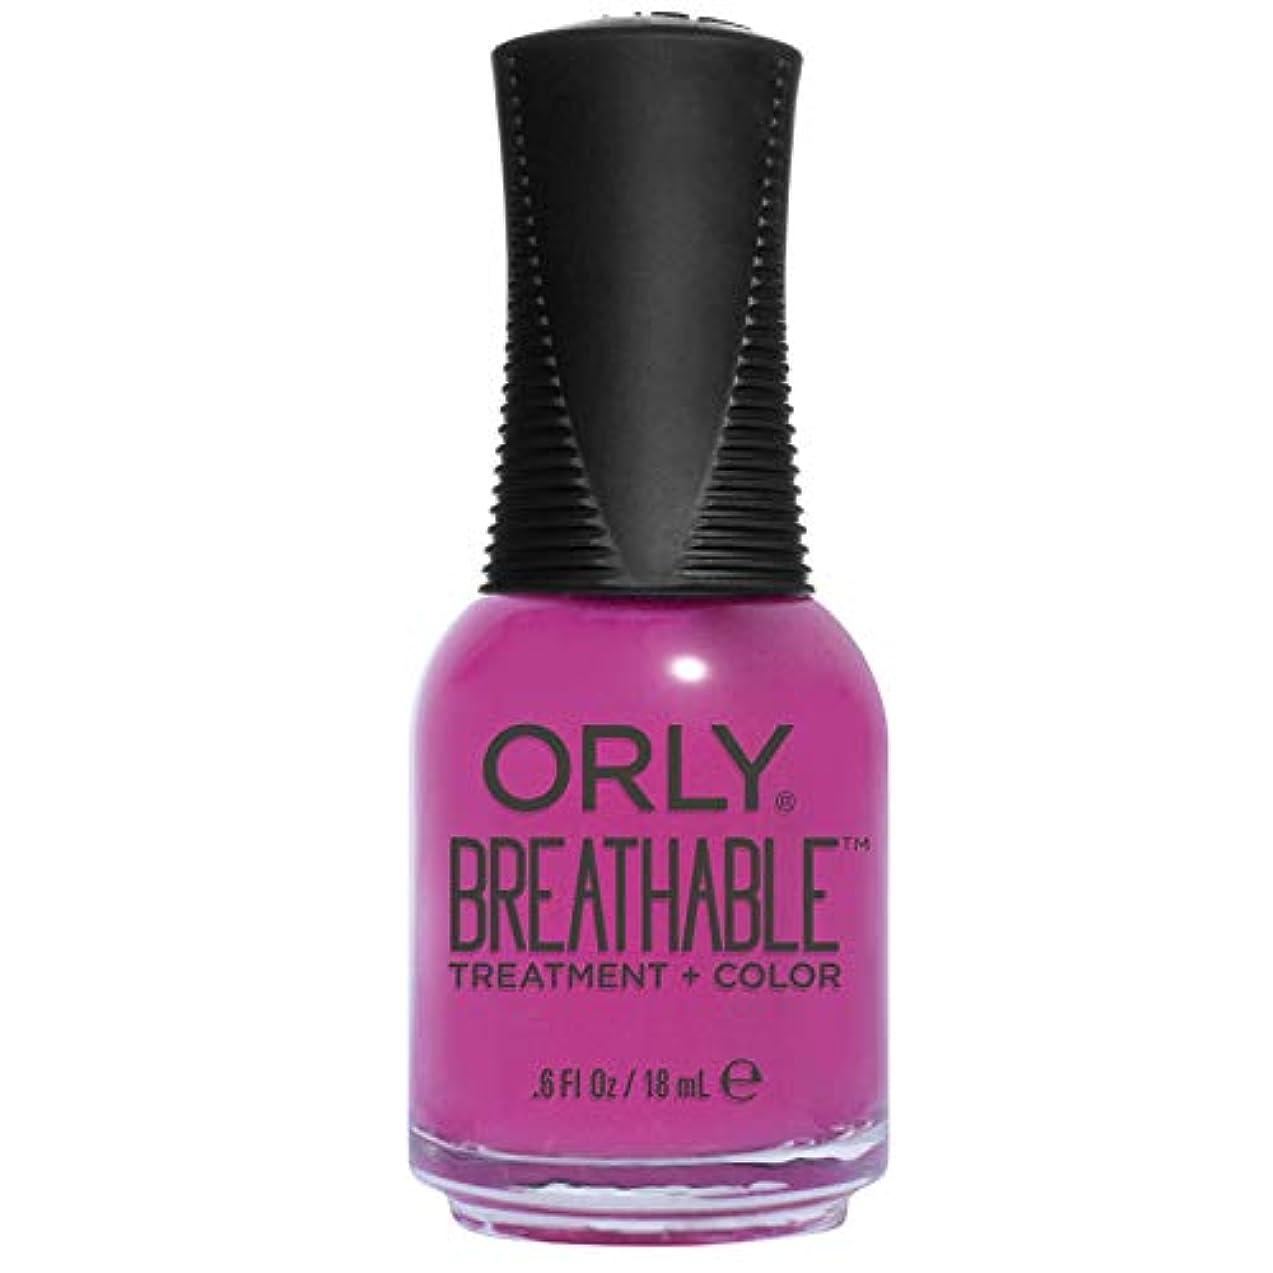 雑種バラエティ過剰Orly Breathable Treatment + Color Nail Lacquer - Give Me a Break - 0.6oz/18ml